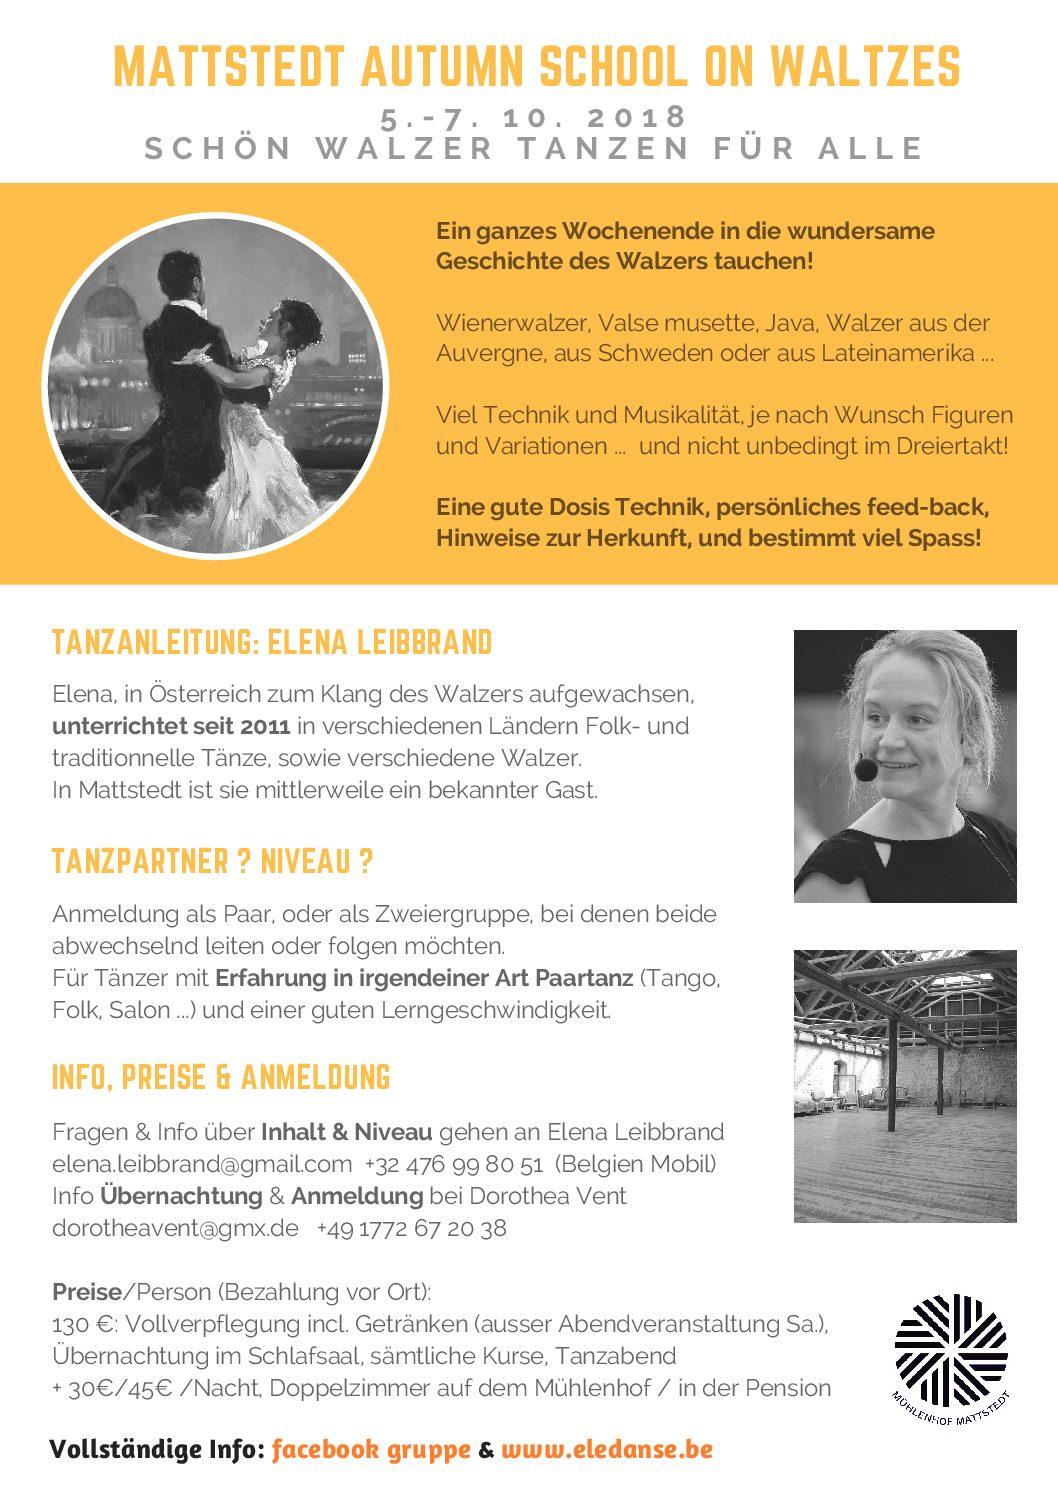 Mattstedt autumn school on waltzes: Schön Walzer tanzen für alle (DE)